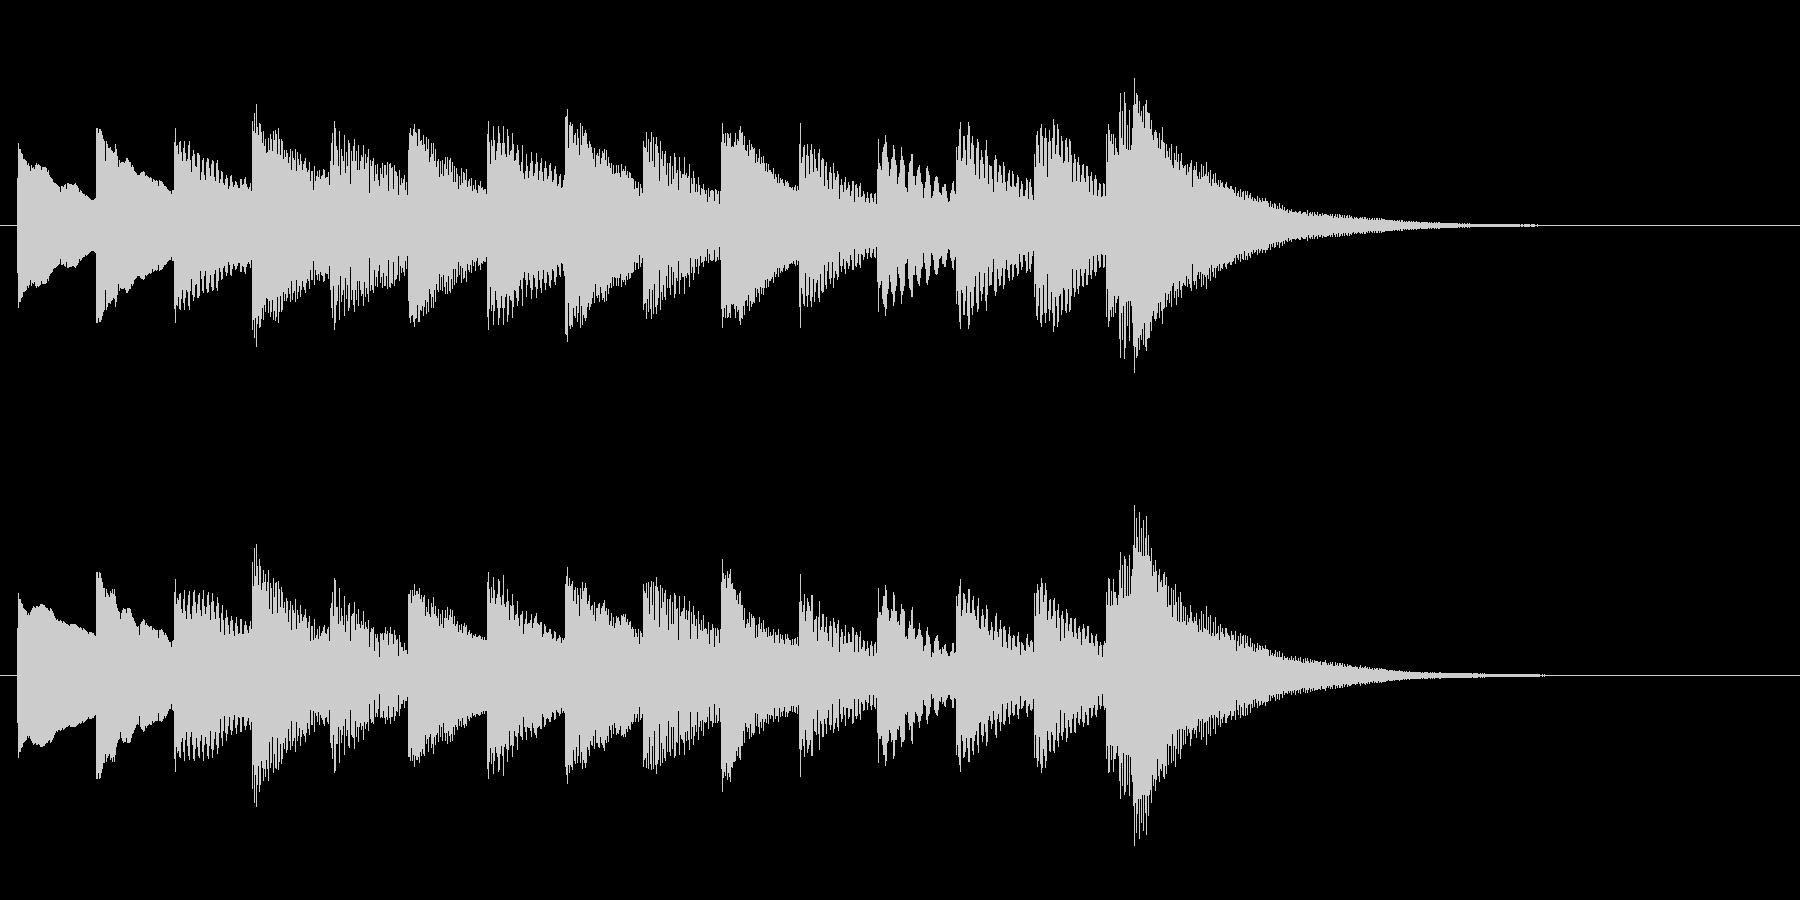 ほのぼのとした雰囲気のワンフレーズの未再生の波形